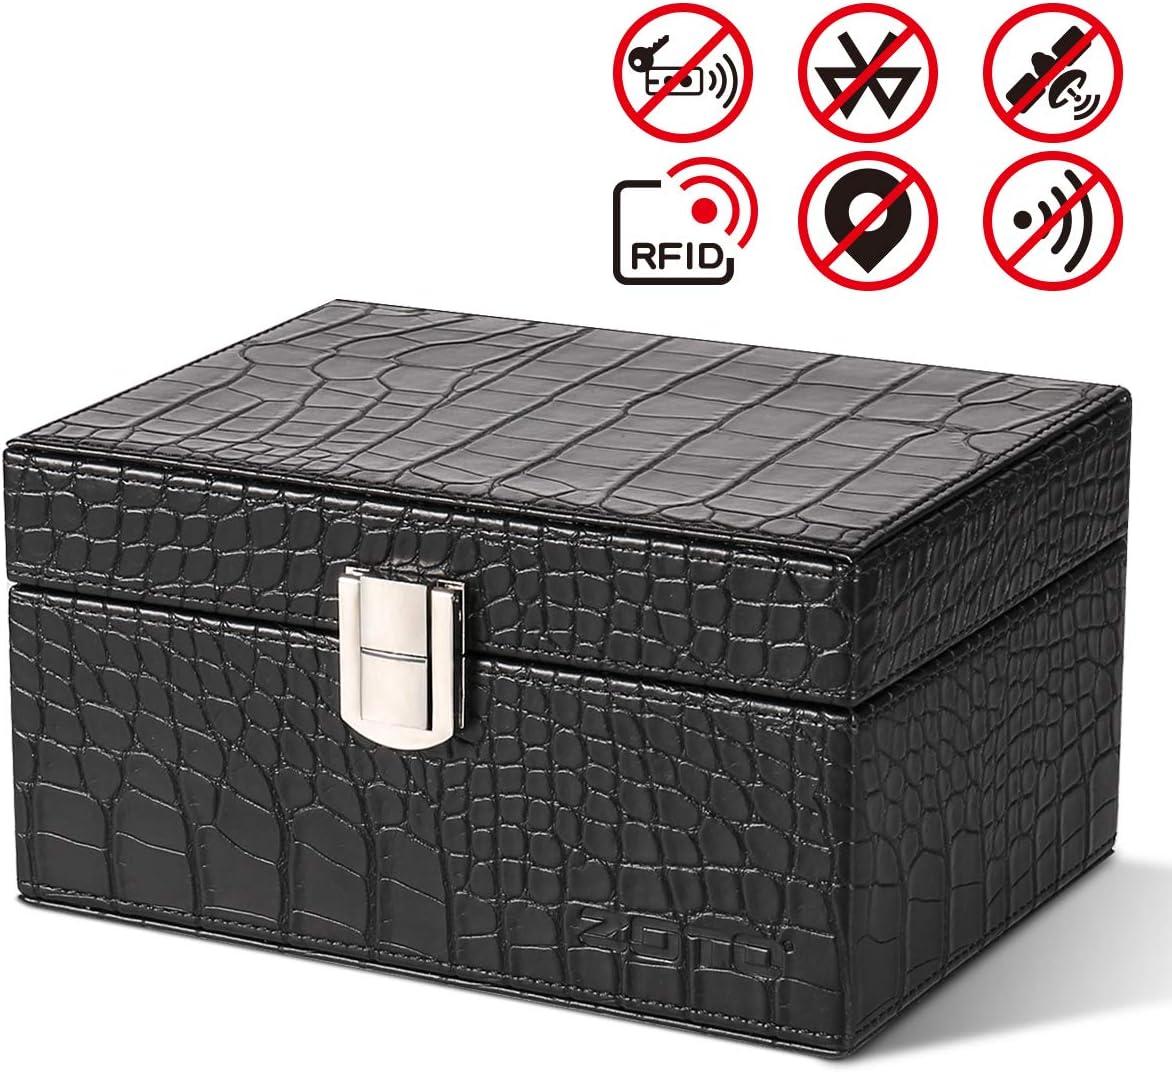 ZOTO caja de Faraday, caja de bloqueo de señal de llave de coche, llaves de coche, tarjetas de teléfonos, llamadas y funda de bloqueo de señal RFID, protector sin llave para seguridad